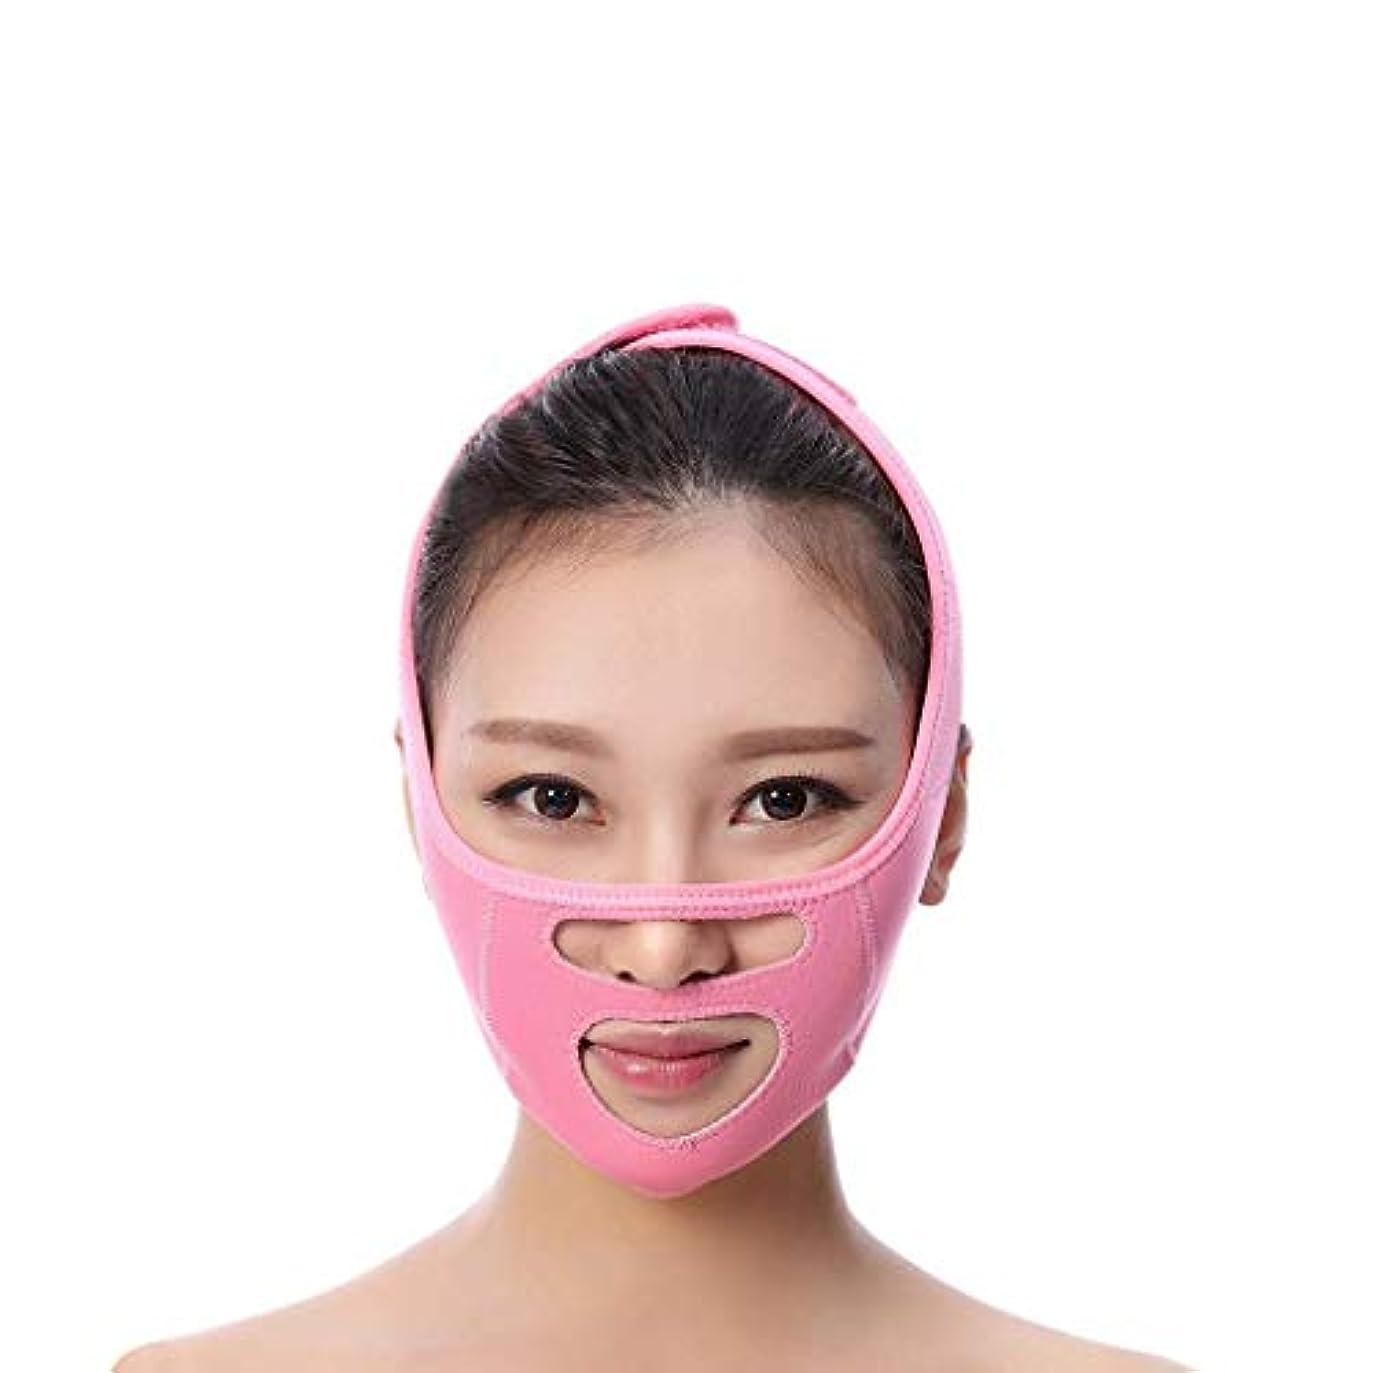 ドキドキ定刻廃止するフェイスリフトテープ&バンド、フェイススリミングマスク、ダブルチン、ダブルチンリデューサー、シワ防止マスク、リフティングシェイプ(フリーサイズ)(カラー:ピンク),ピンク